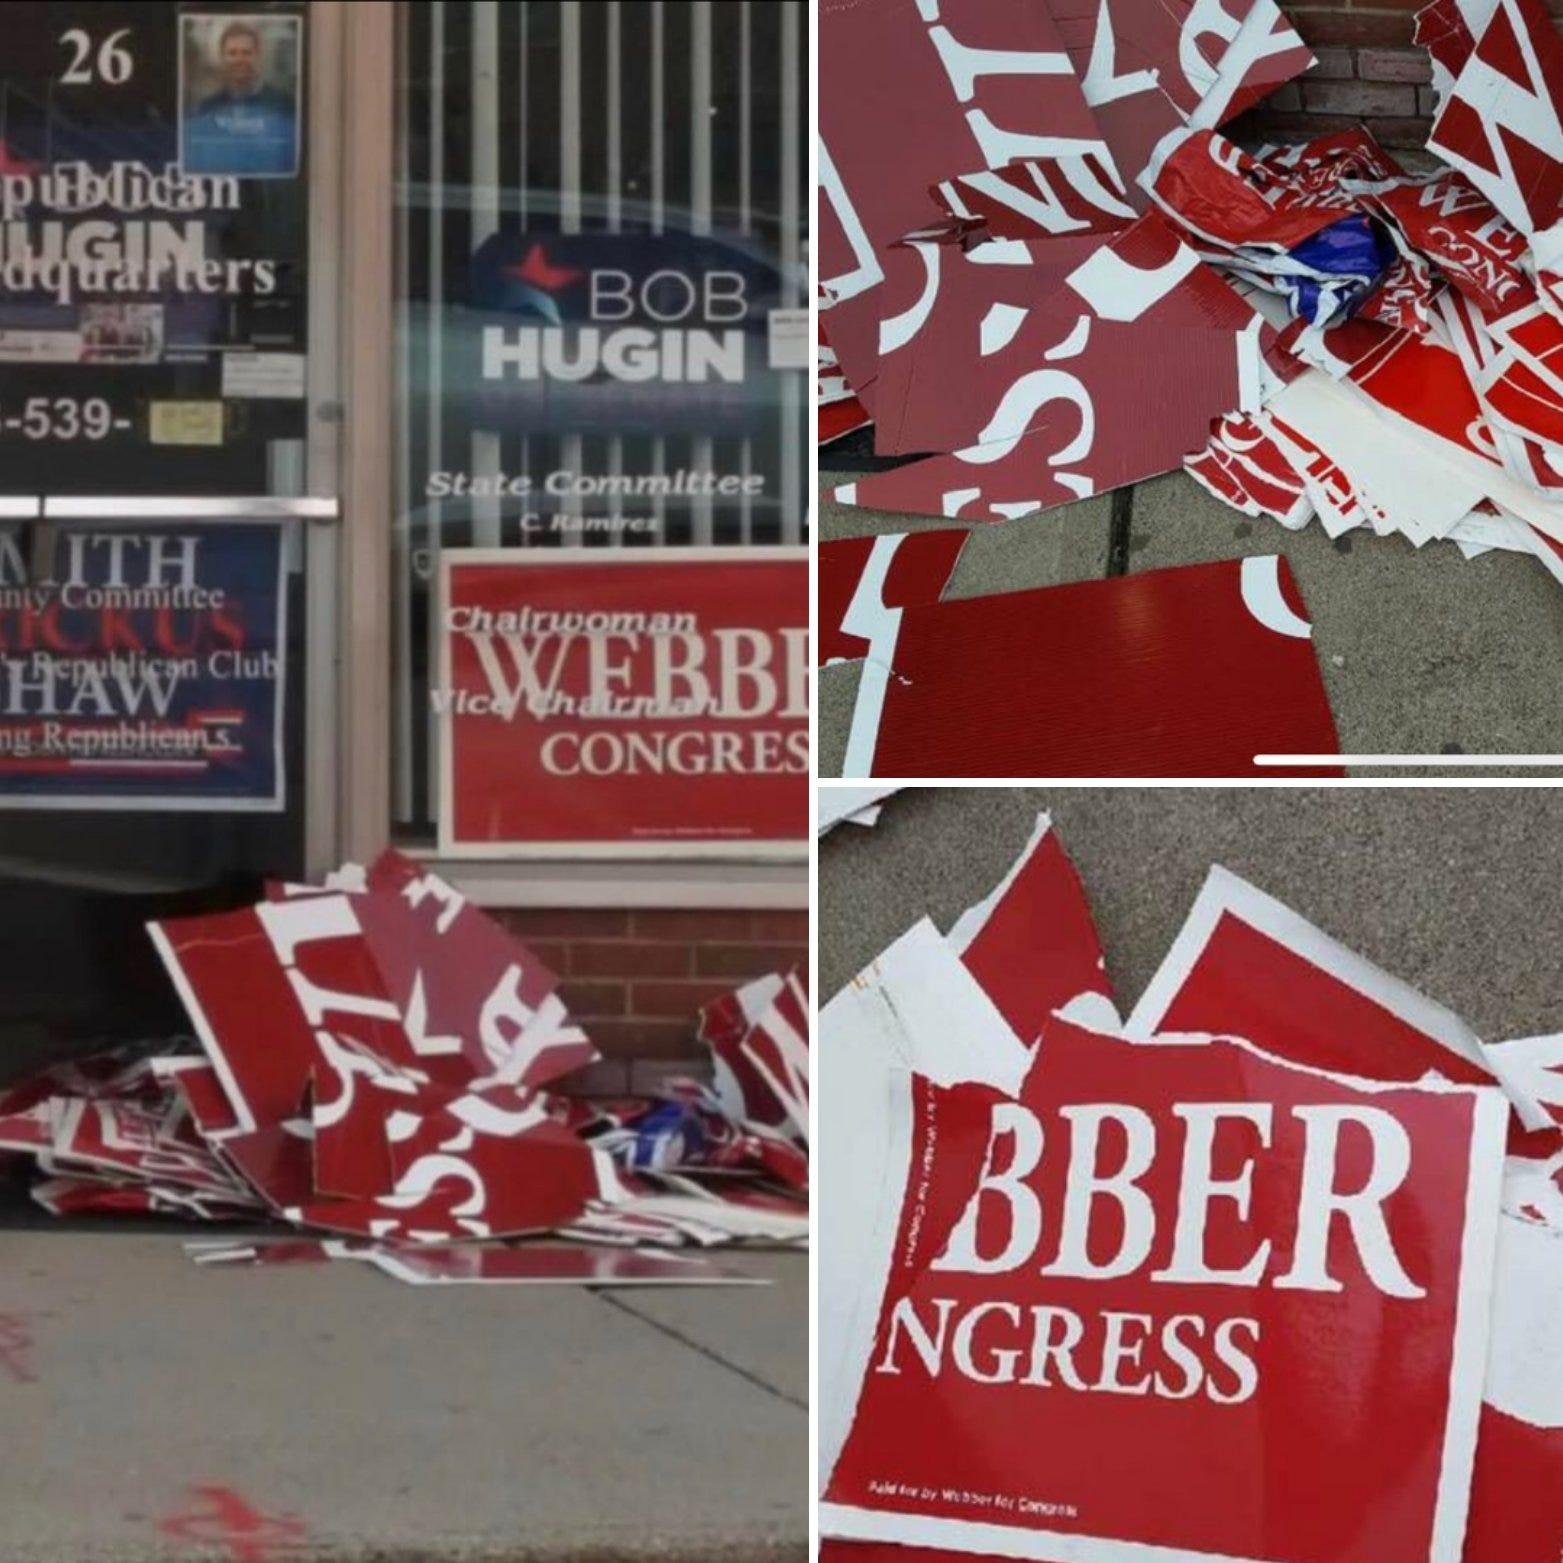 GOP group offers $1,000 reward for information on Webber signs vandalism